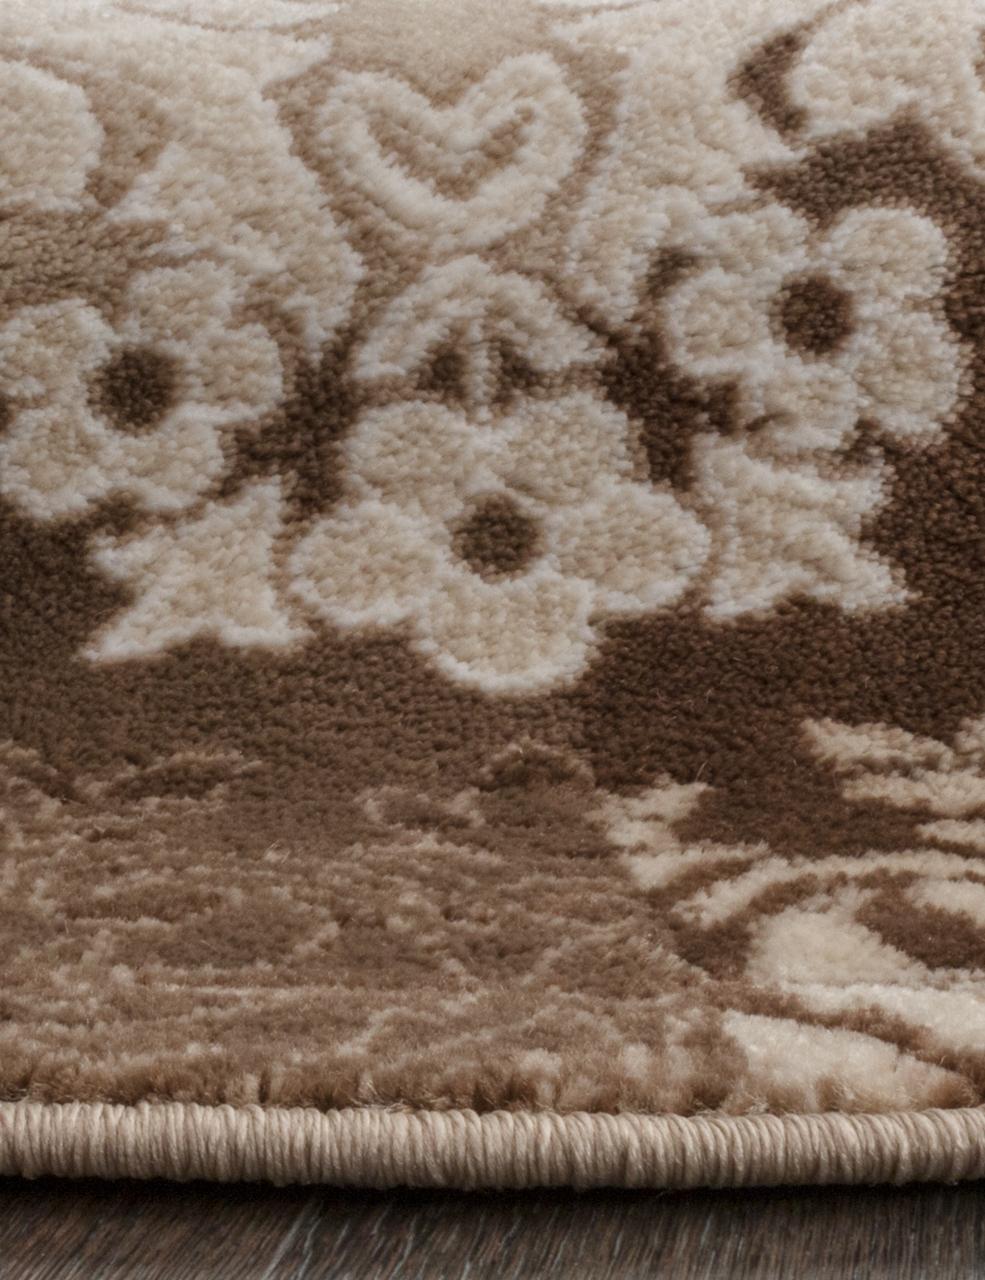 Ковер d331 - BROWN - Овал - коллекция VALENCIA DELUXE - фото 3